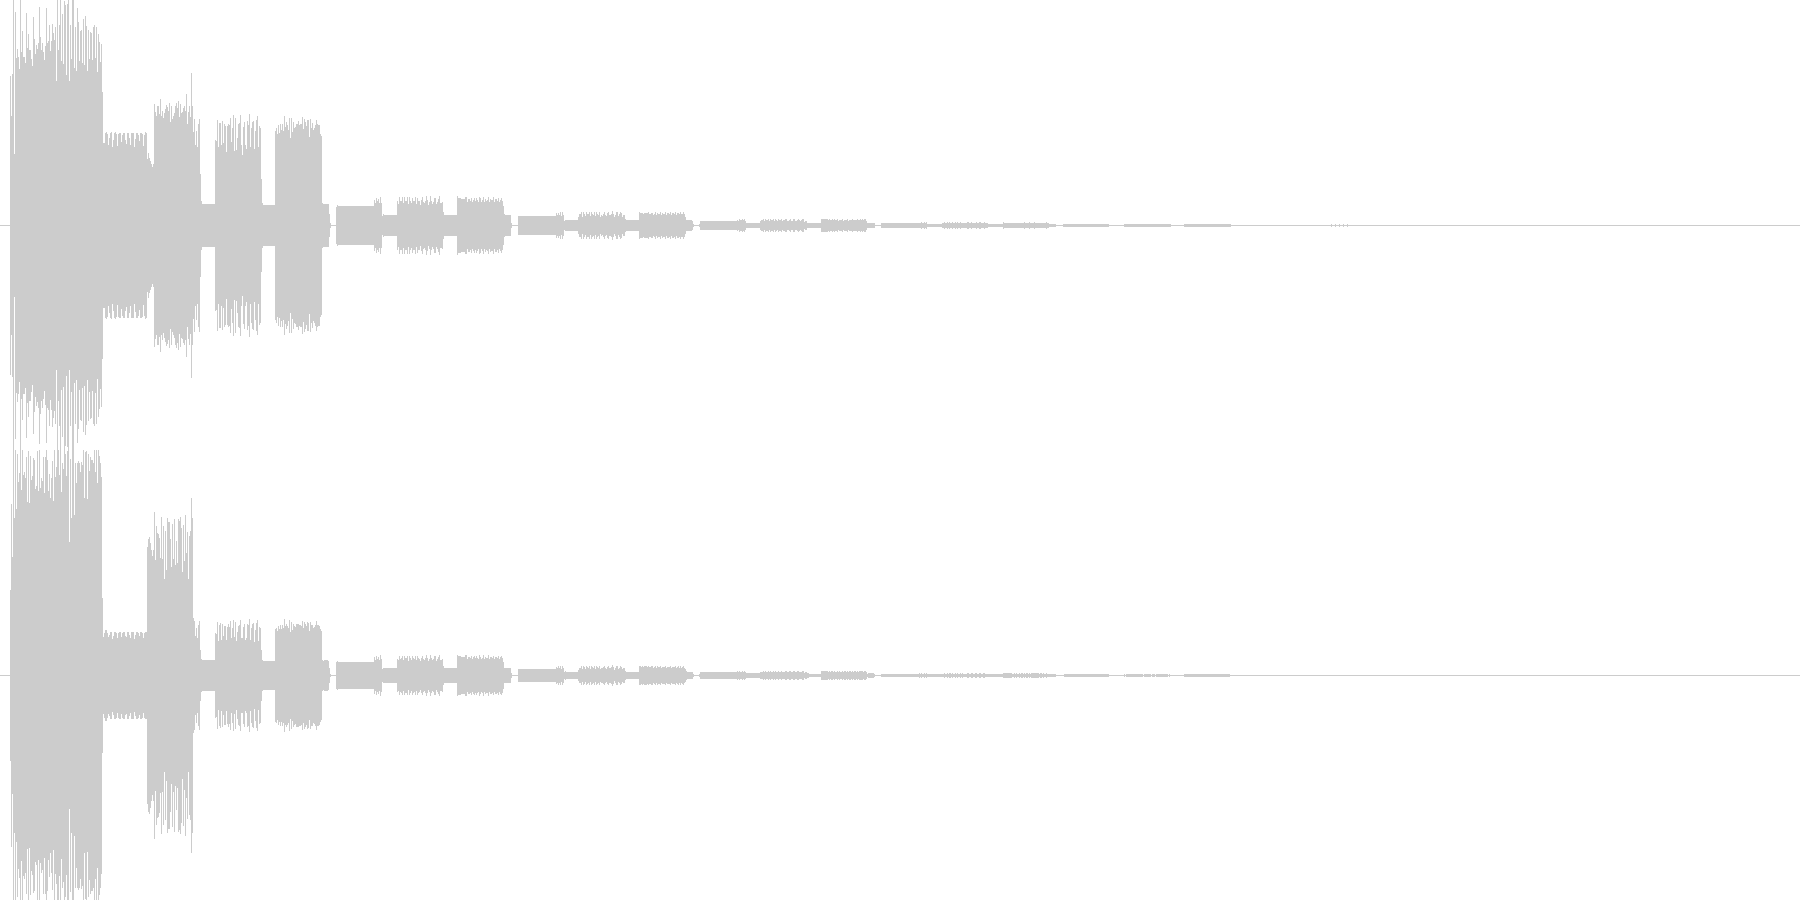 ピコンファミコン系クリックスタート音の未再生の波形